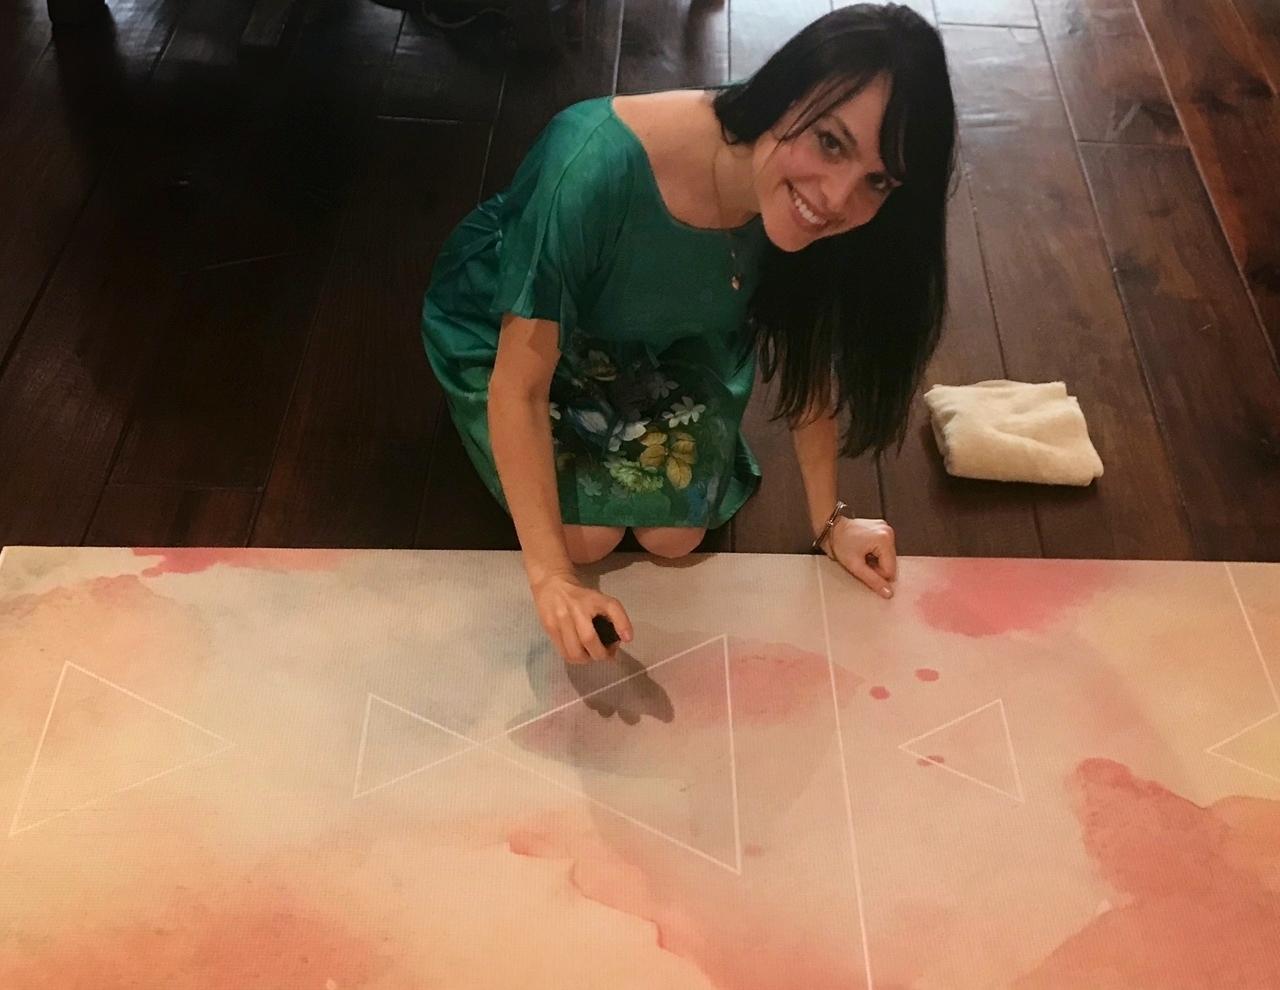 Spraying the mat thoroughly